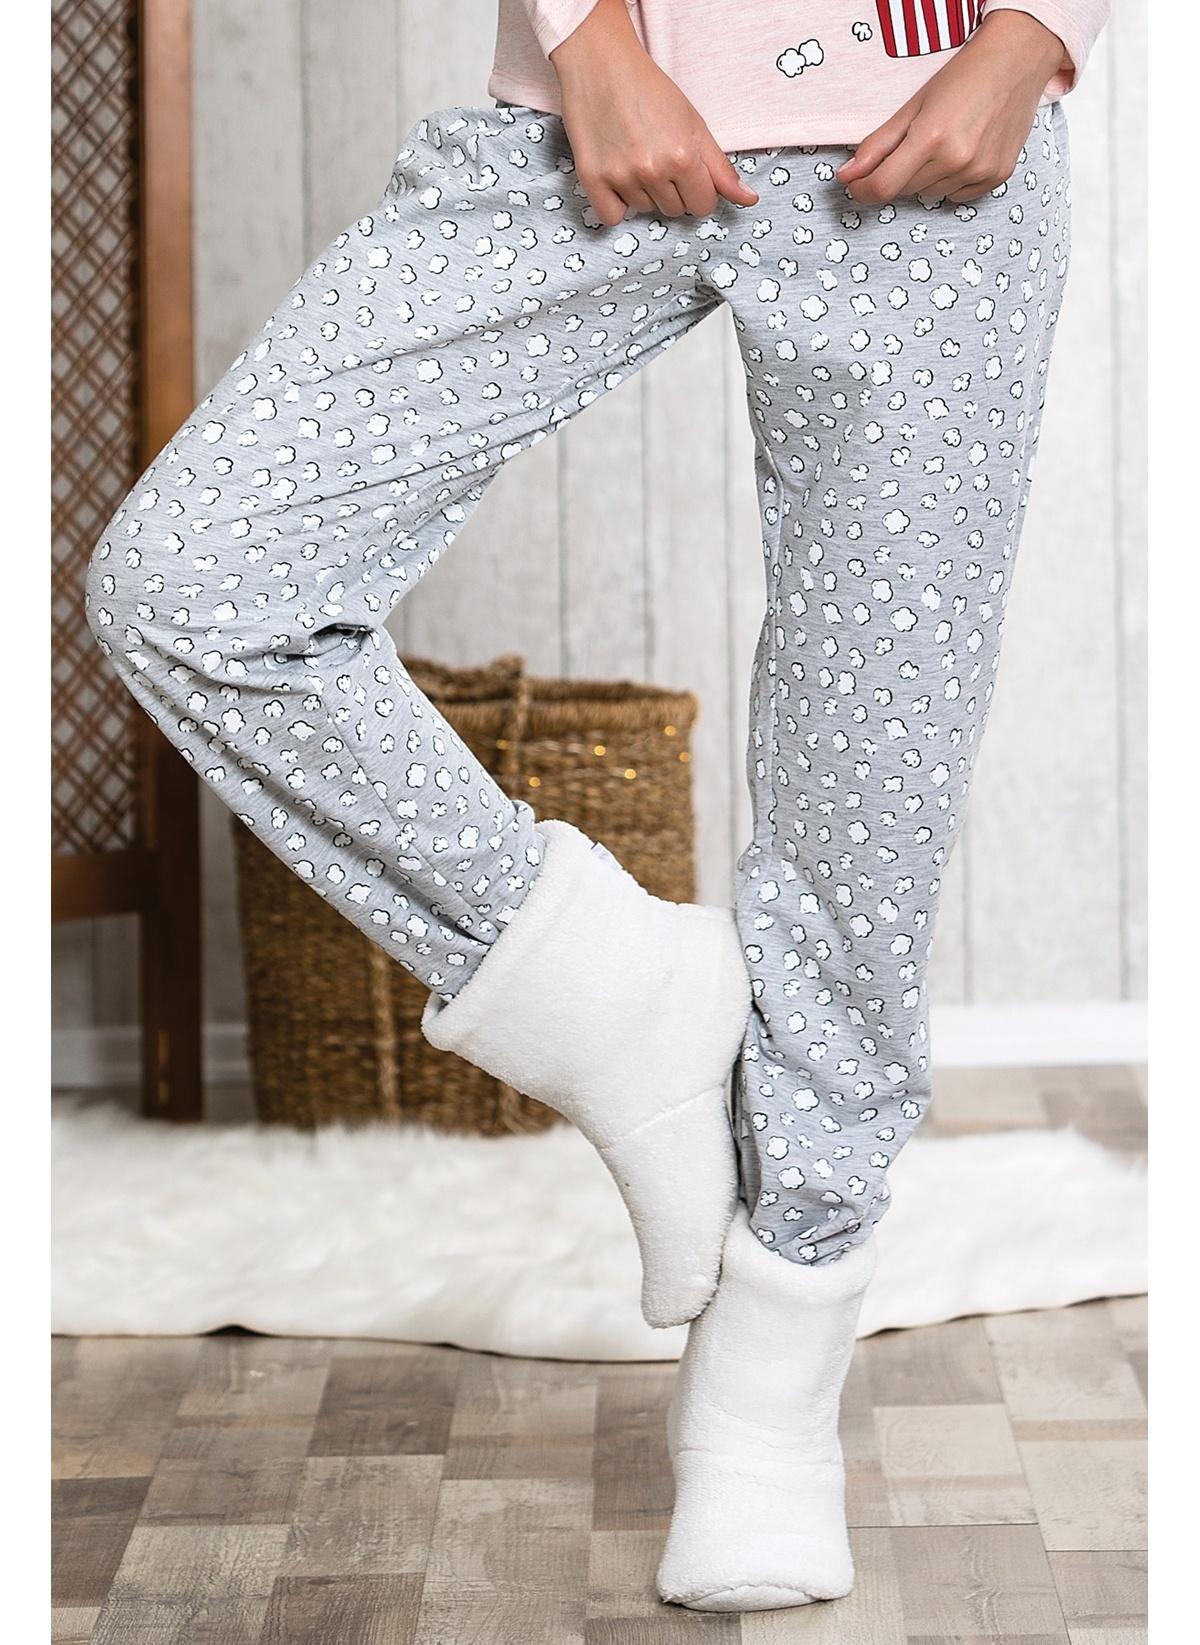 Lingabooms Pijama Altı Mlb4004 Kadın Patlamış Mısır Baskılı Alt – 29.9 TL